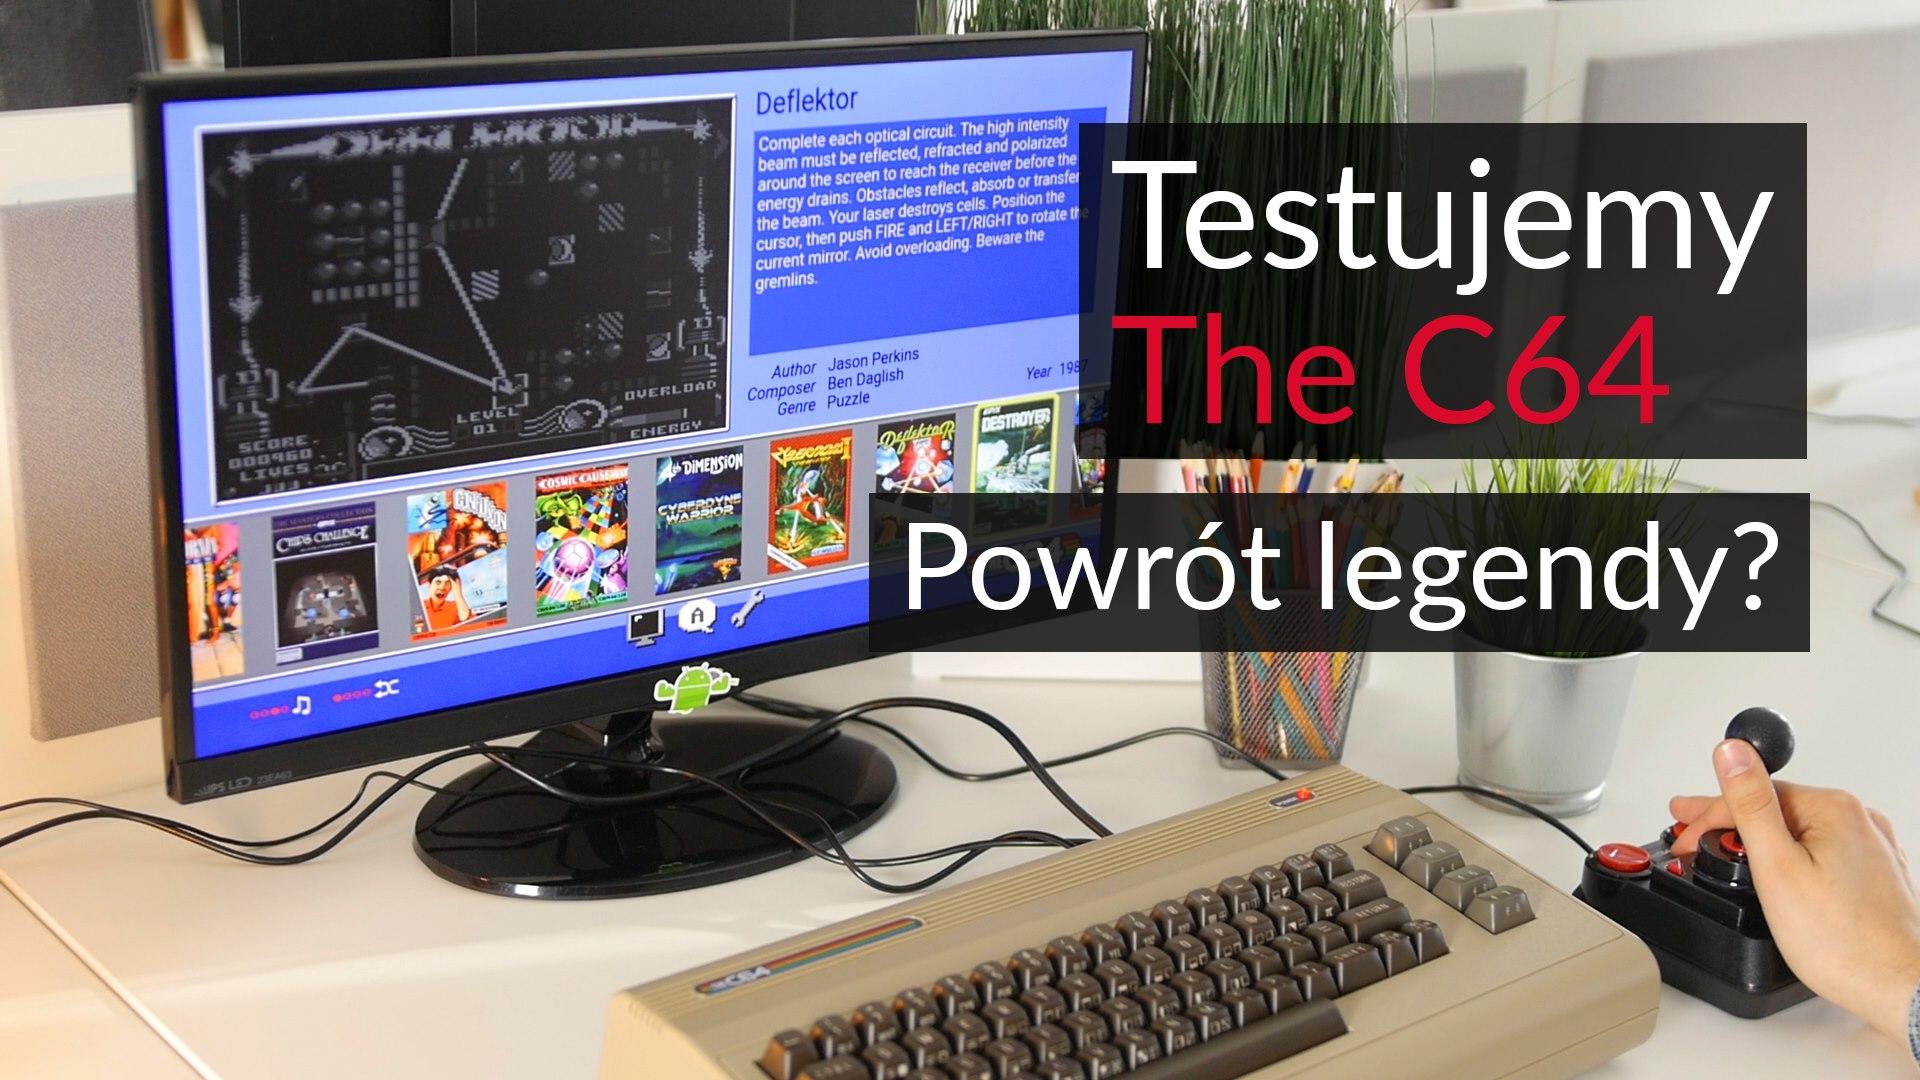 Testujemy The C64 Powrót Legendy